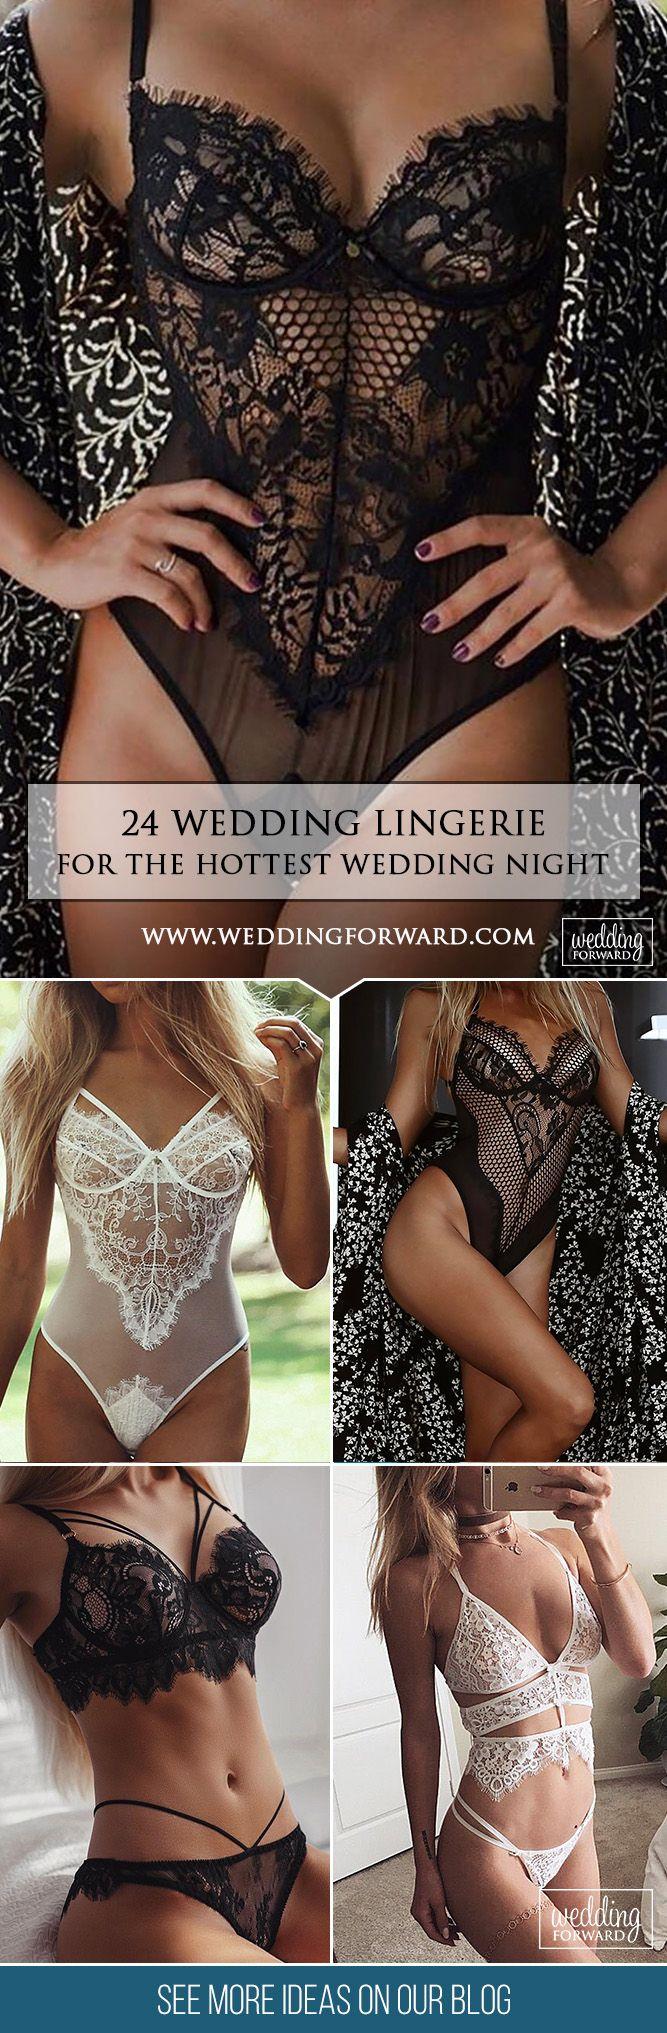 Best 20+ Honeymoon lingerie ideas on Pinterest | Lingerie ...